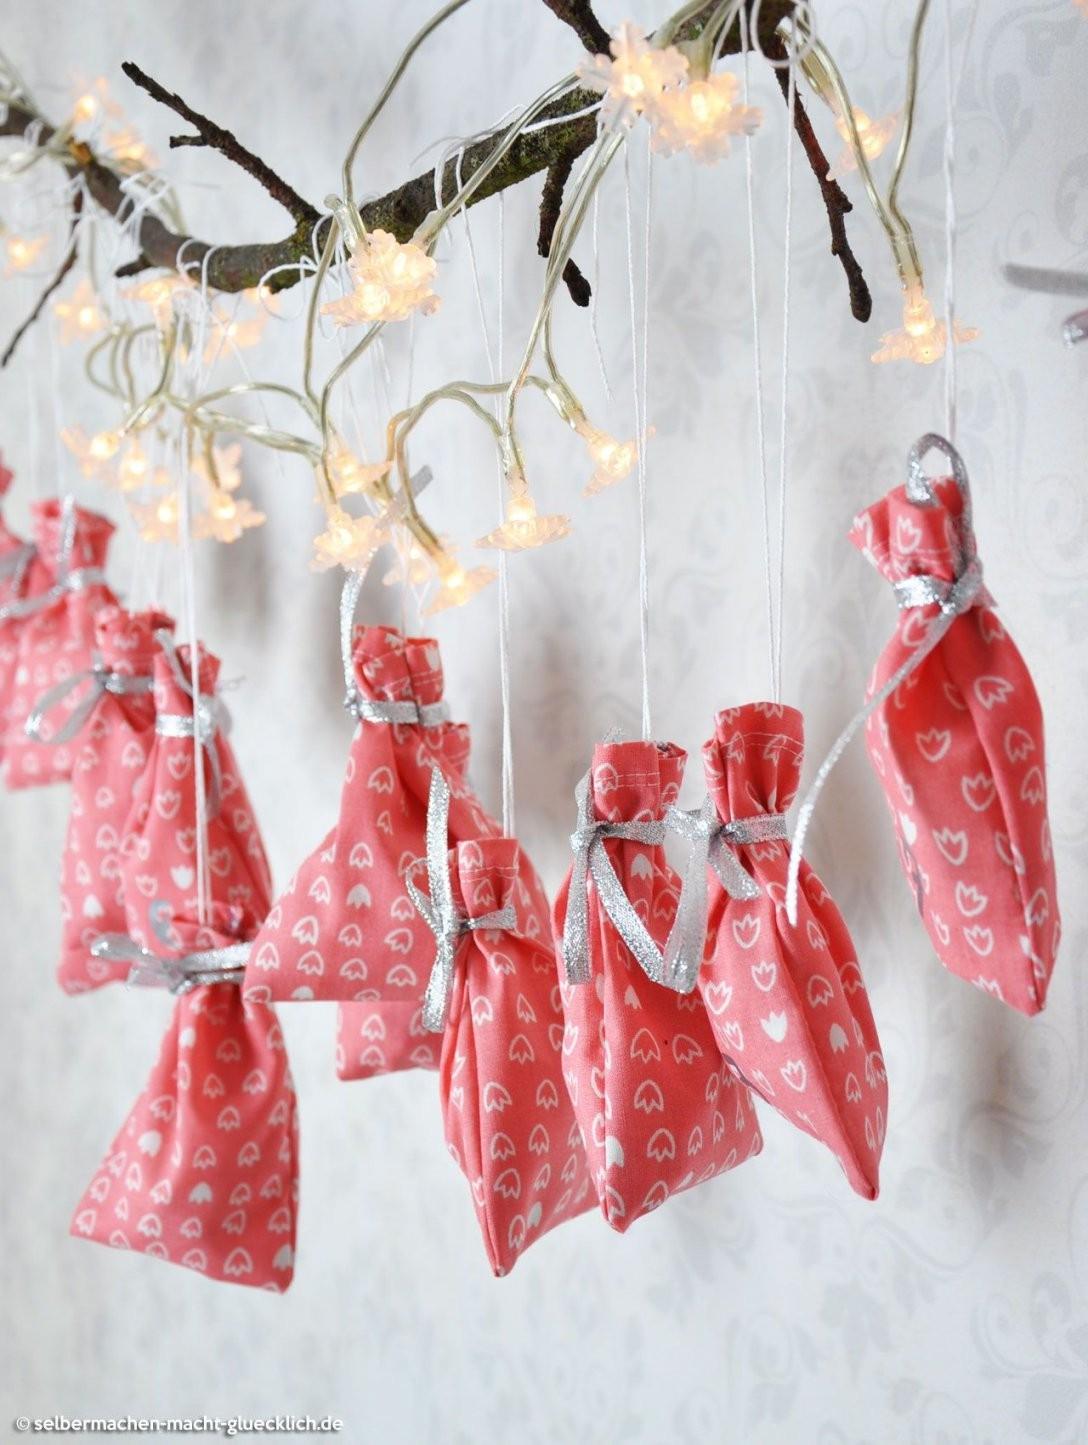 Diy Adventskalender Selbermachen – Selbermachen Macht Glücklich von Adventskalender Zum Selber Machen Bild